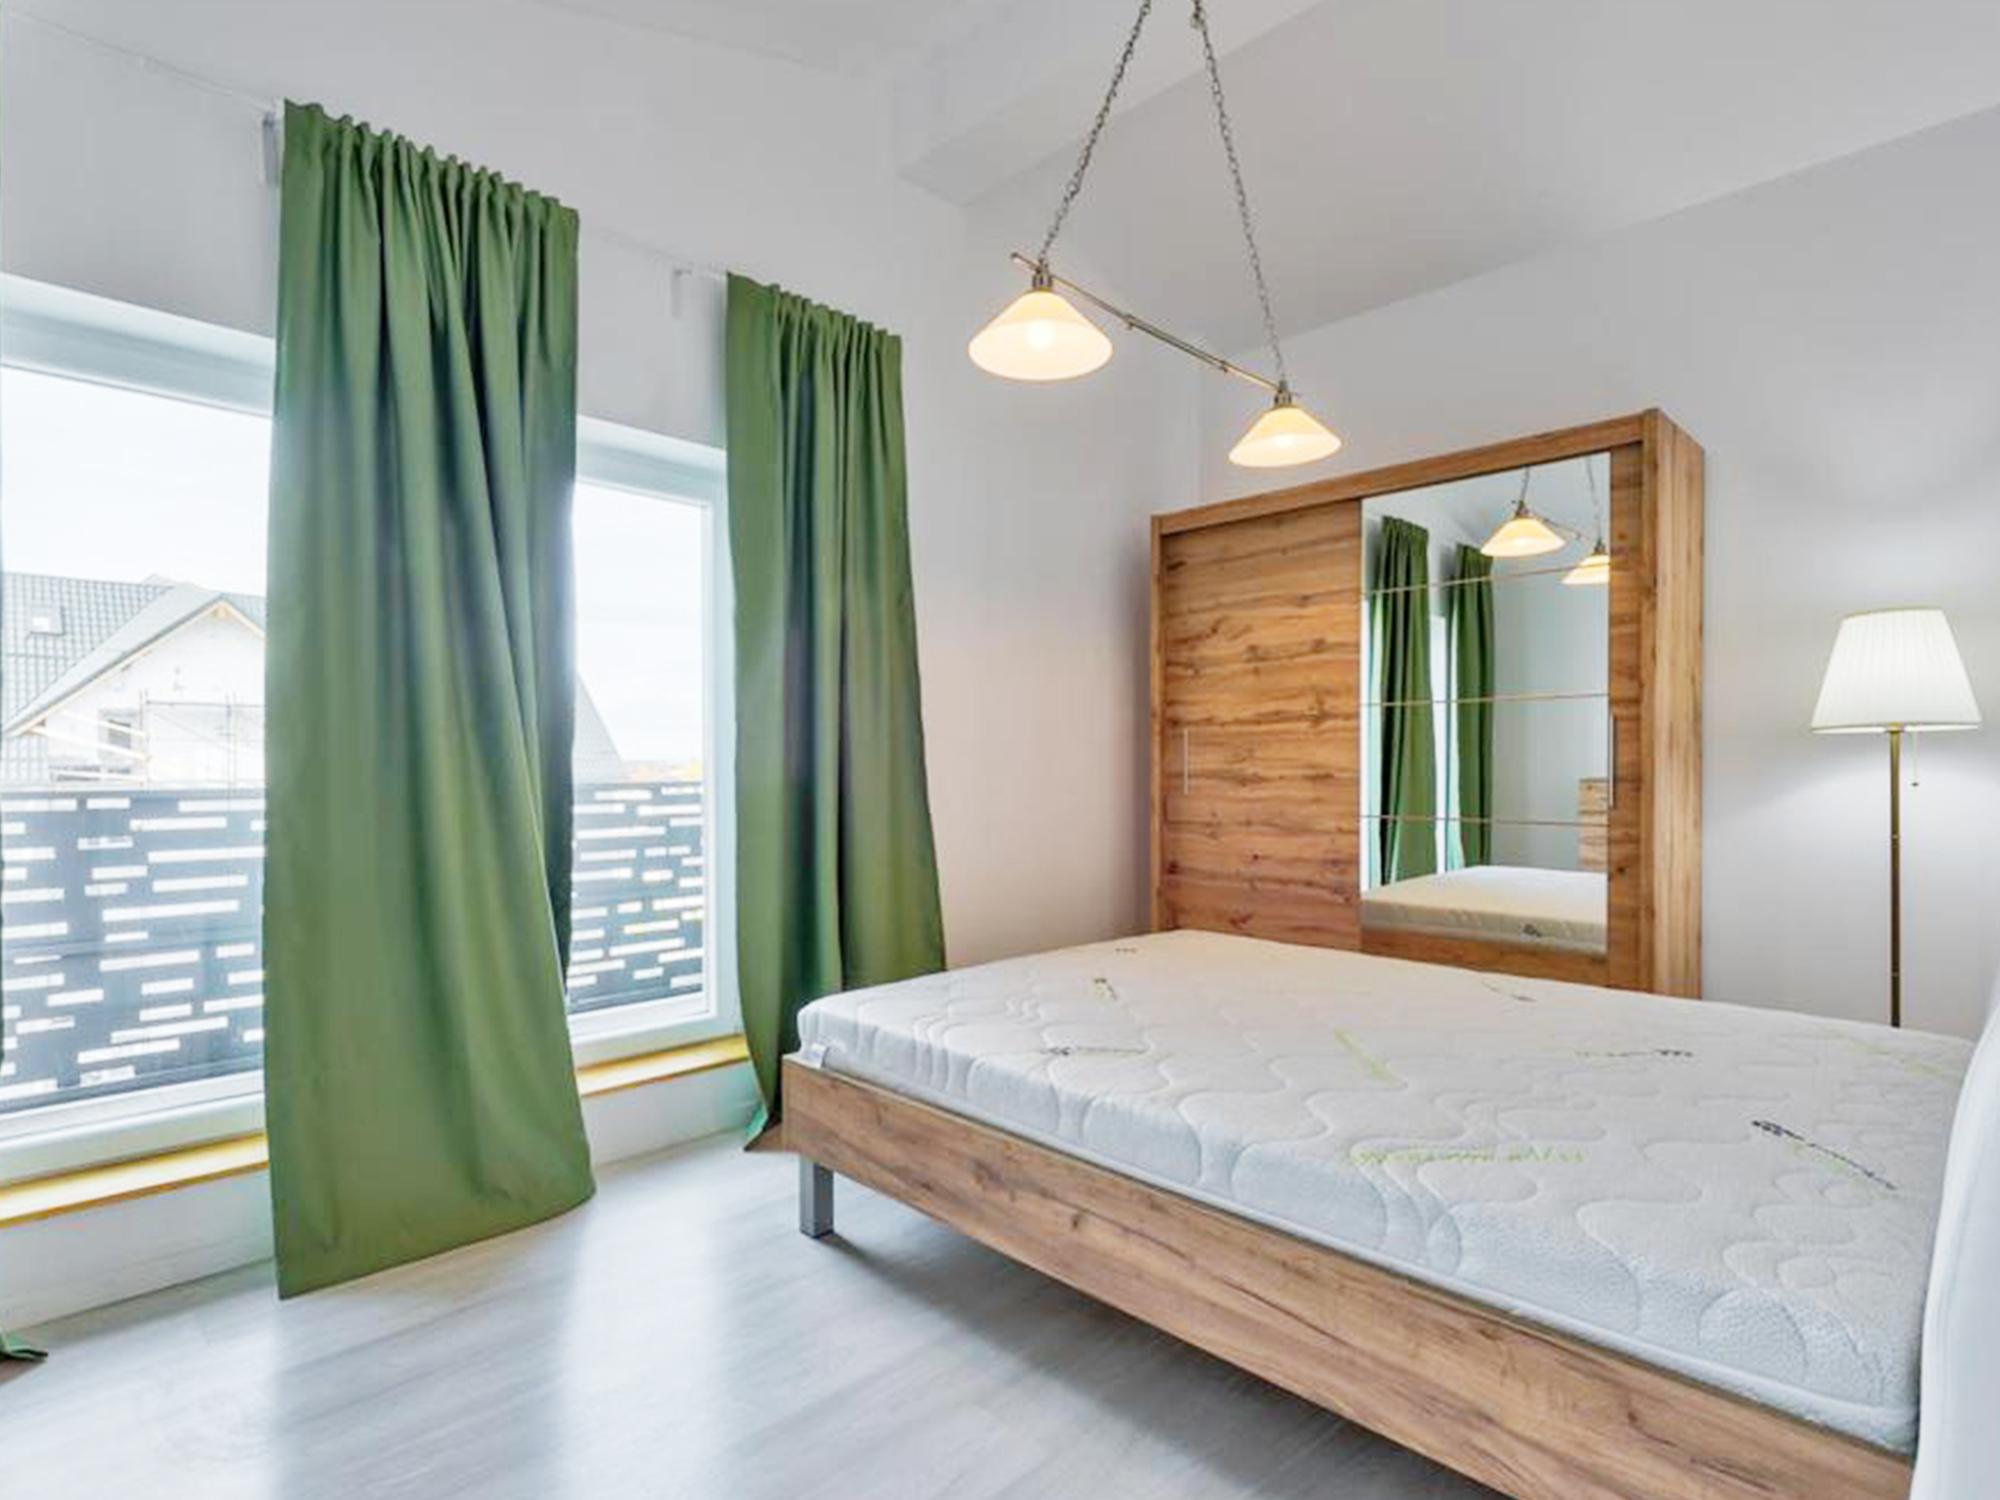 Apartamente-Faza-1-LaRa-Condominium-7